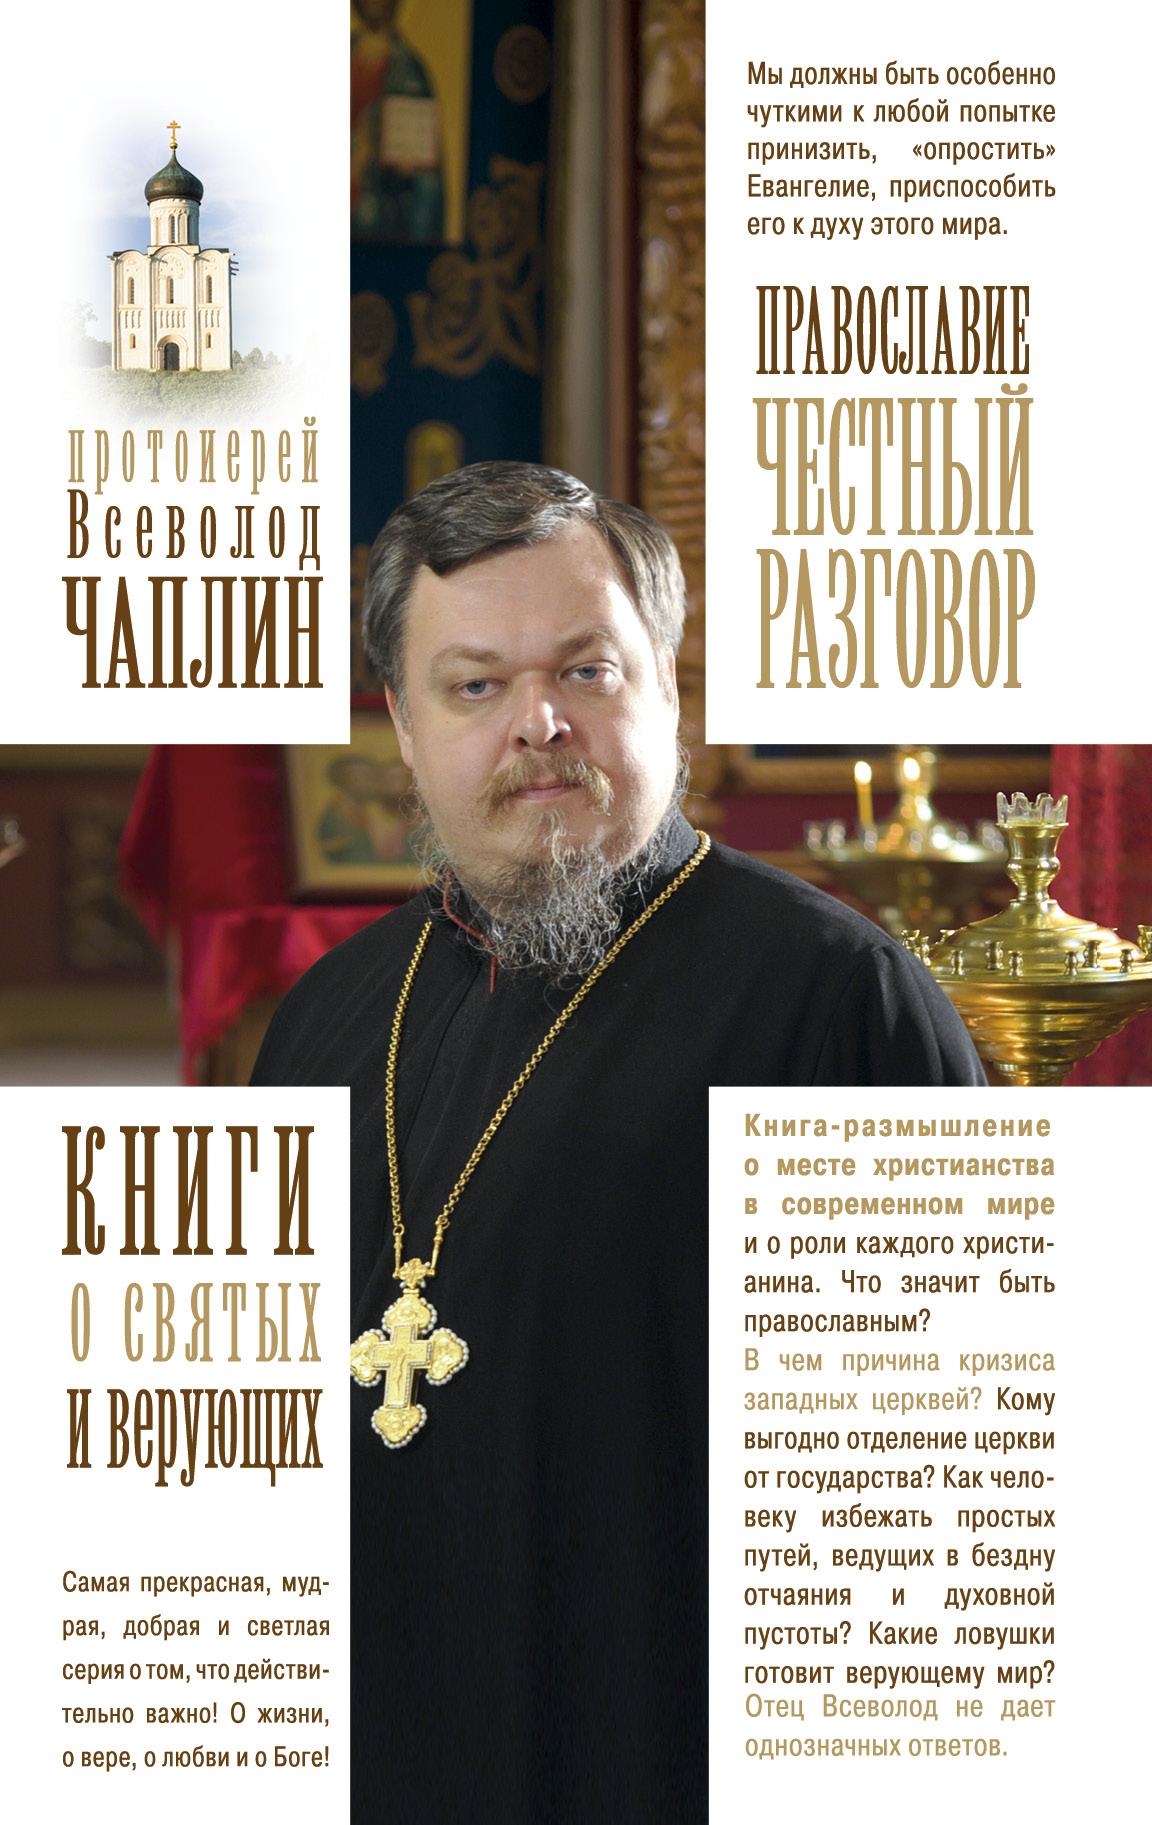 Православие. Честный разговор